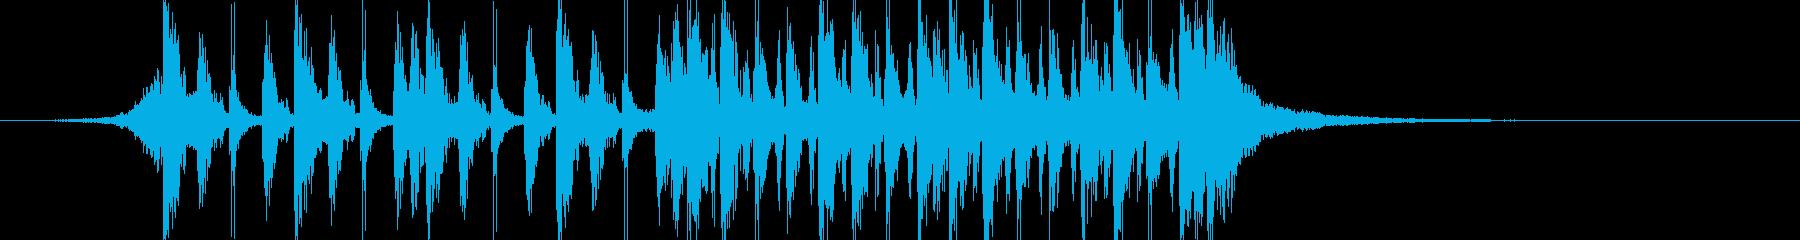 ダブステップ 実験的 神経質 テク...の再生済みの波形